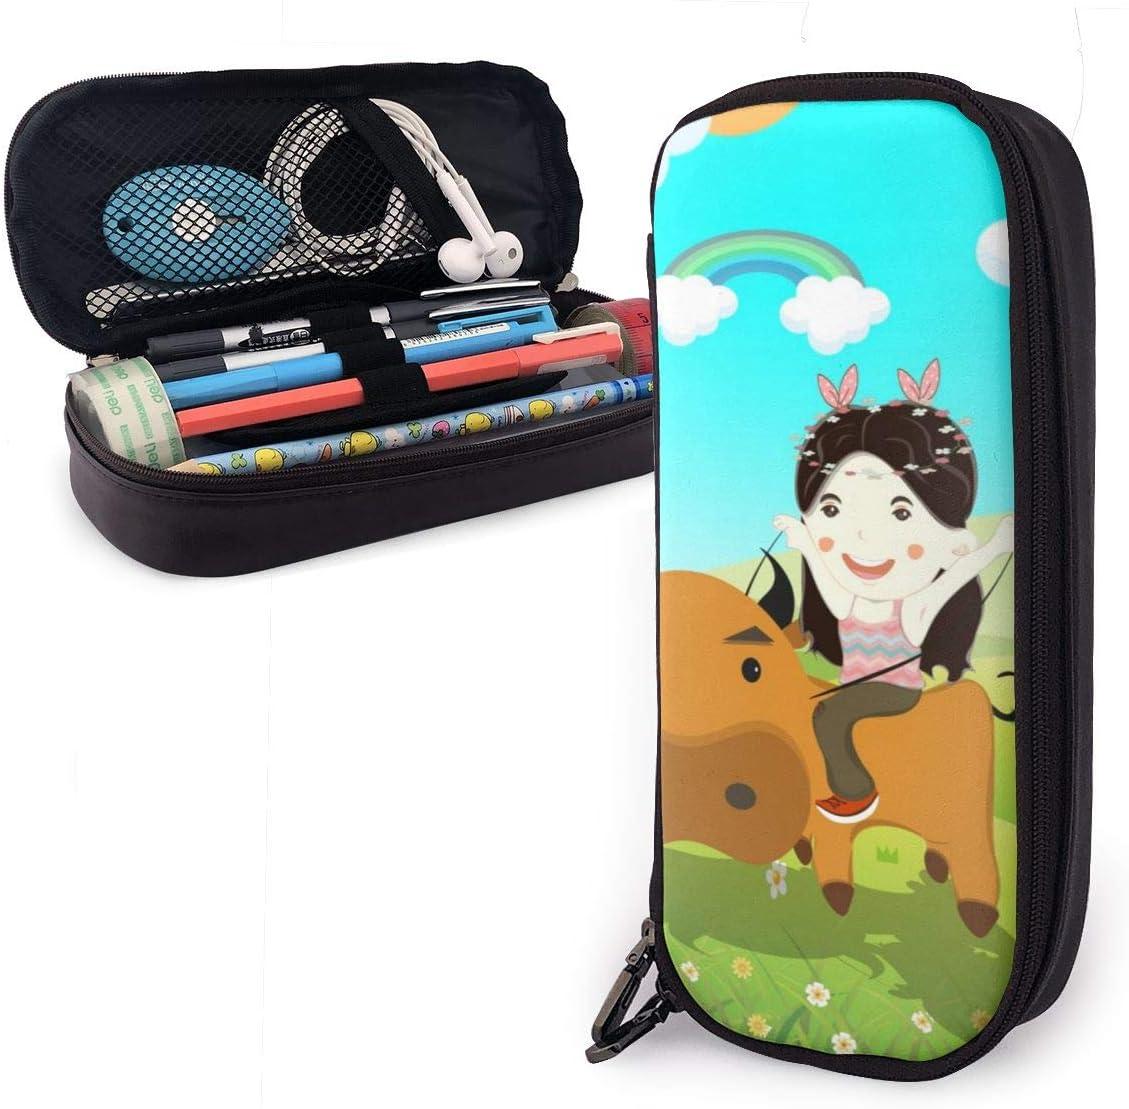 Estuche de verano para niños y niñas con diseño de vaca que monta a caballo, para estudiantes, universidades, material escolar y oficina